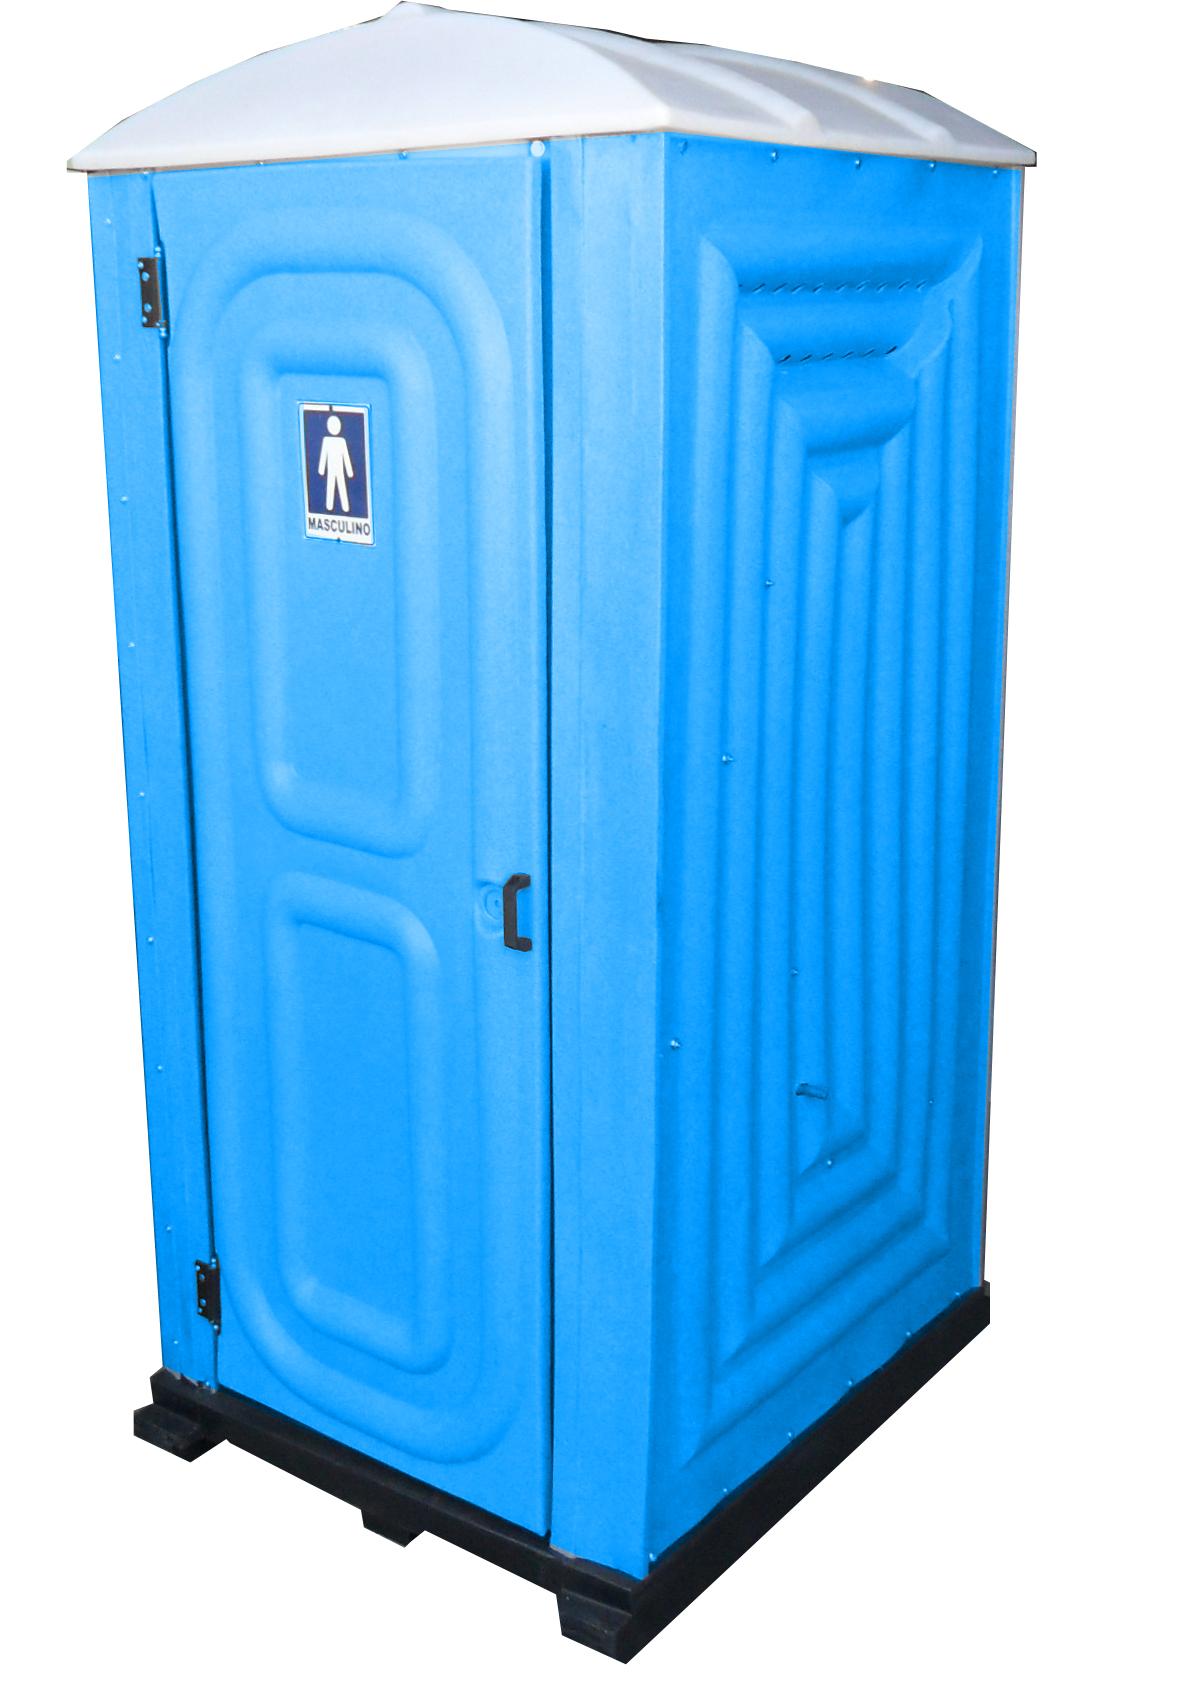 #017BCA banheiro quadrado1 banheiro def voltar rua ouro 310 recreio campestre 1199x1707 px Banheiro Ideal Ltda 3001